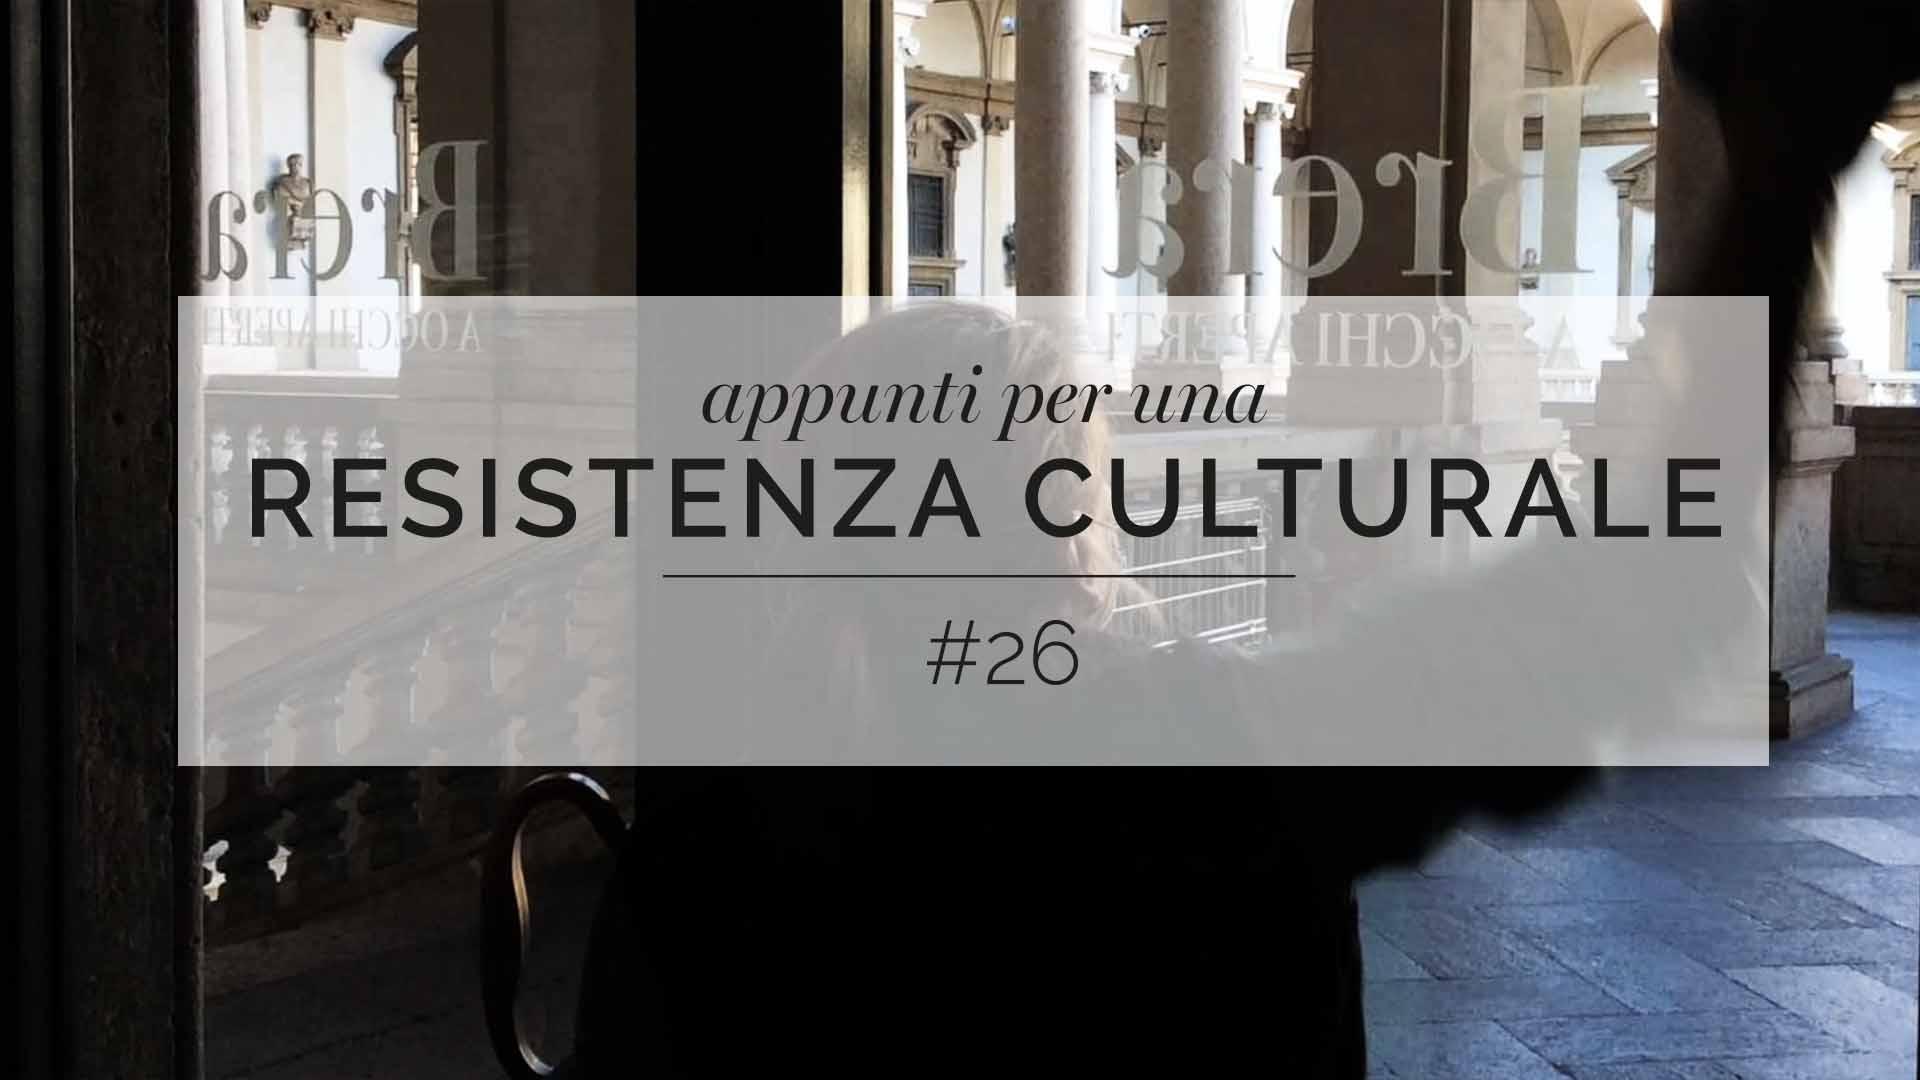 Appunti per una resistenza culturale #26